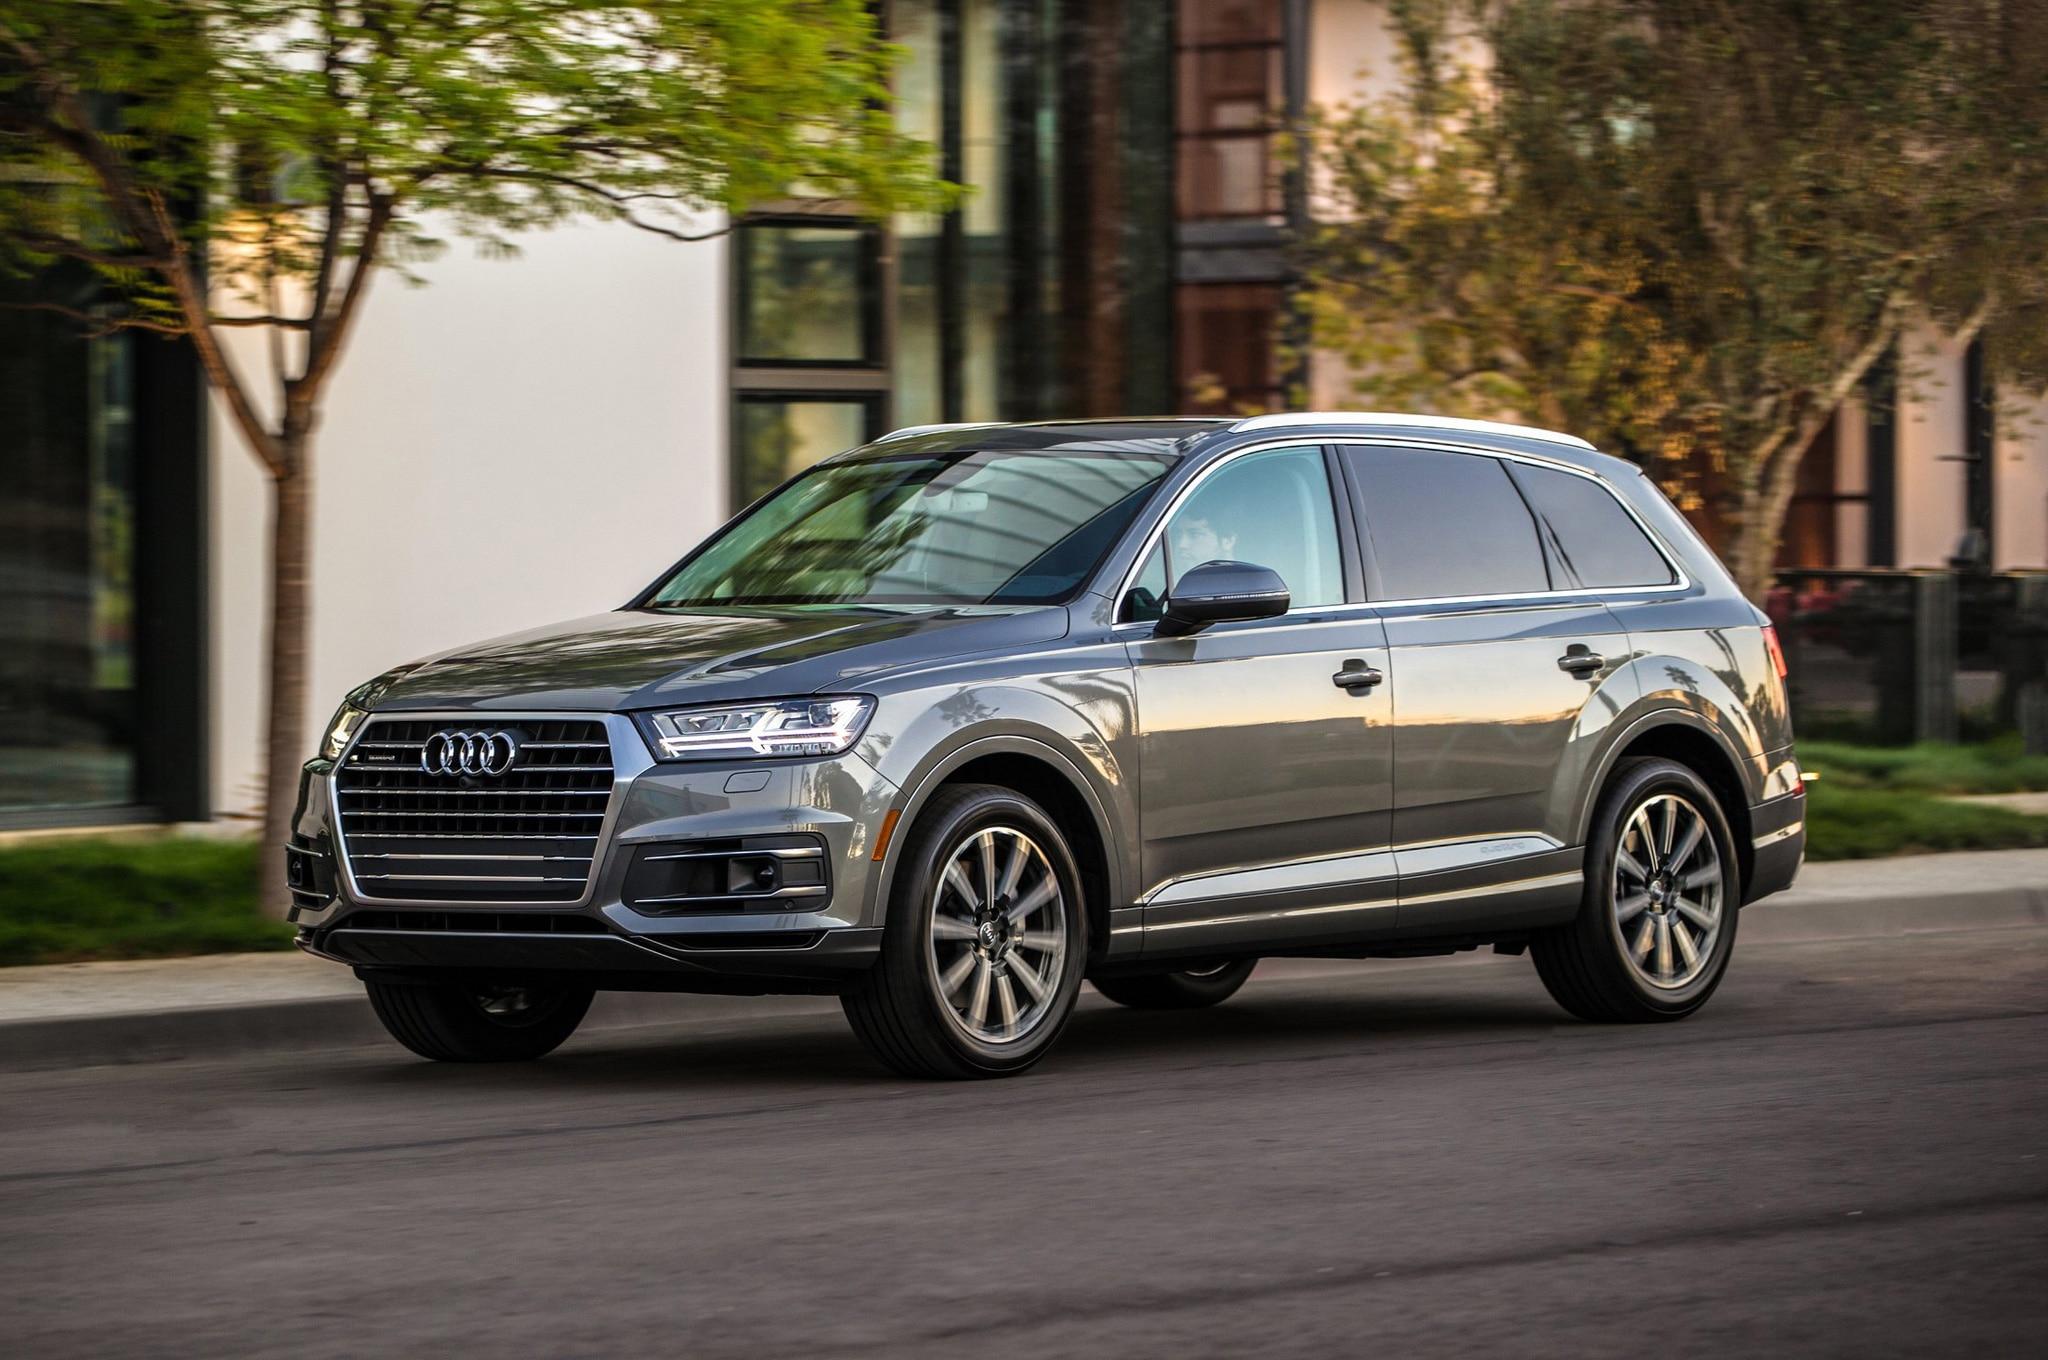 2017 Audi Q7 Front Three Quarter In Motion